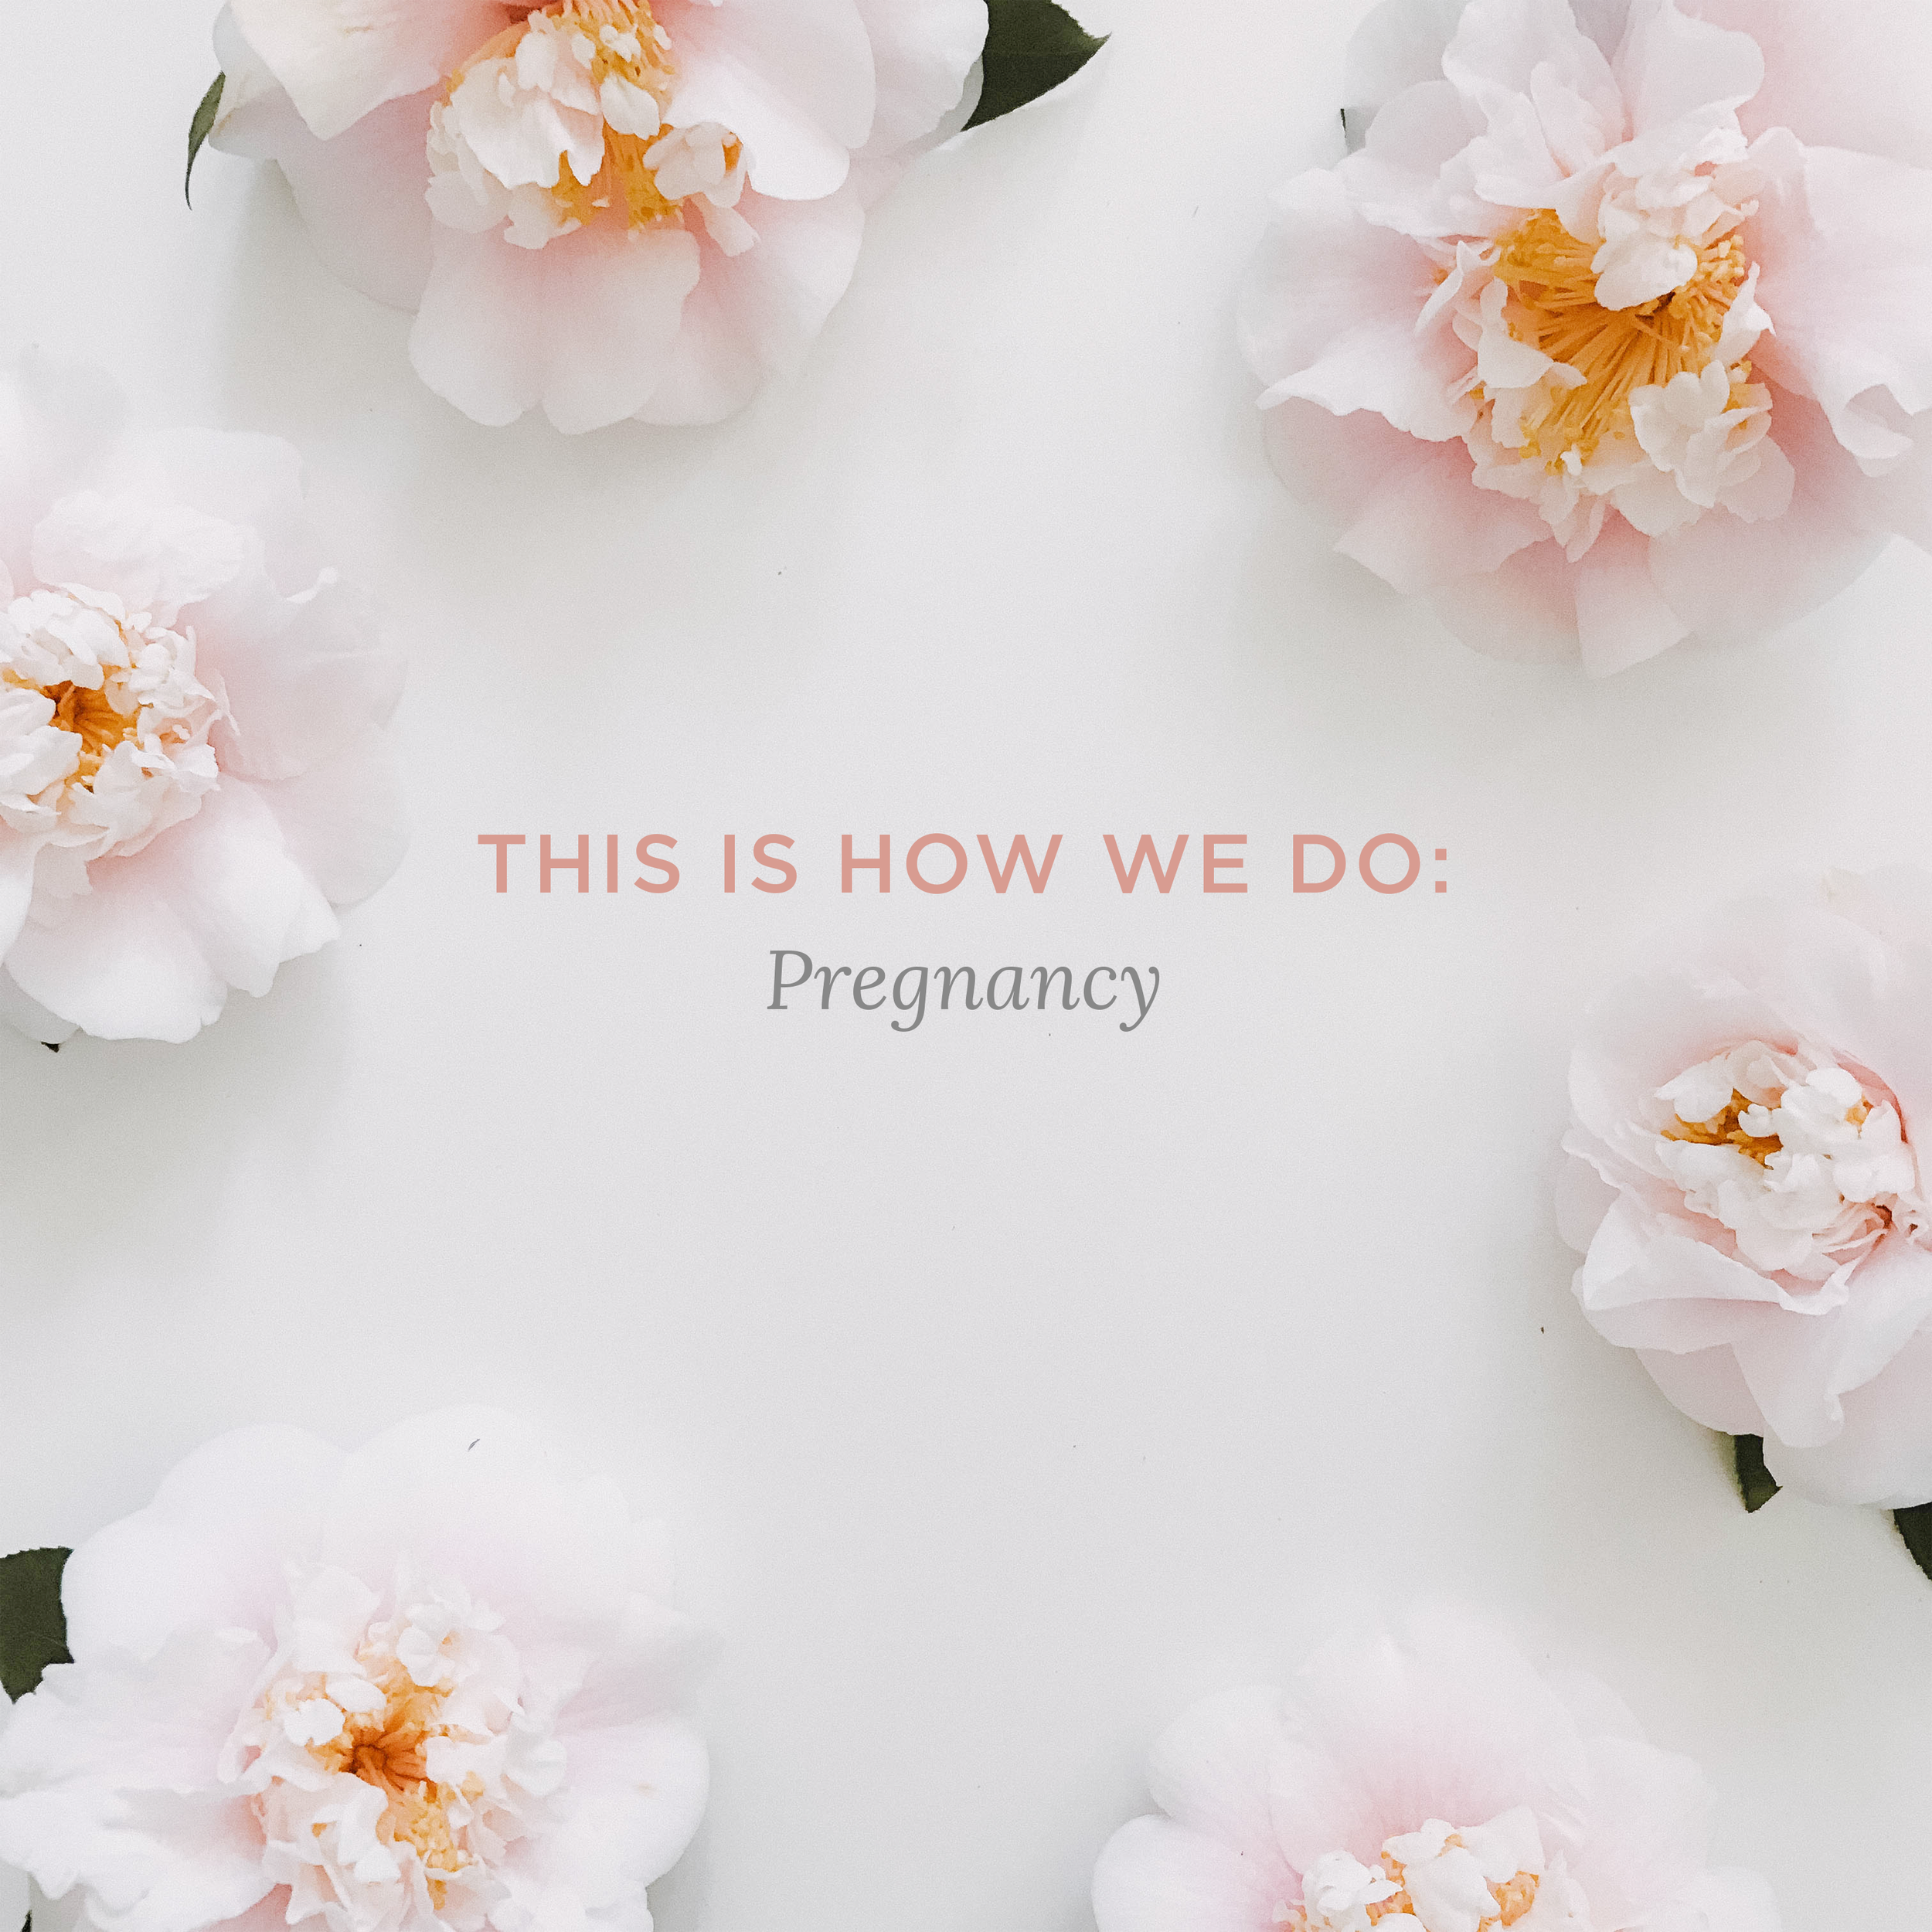 TIHWDpregnancy.png